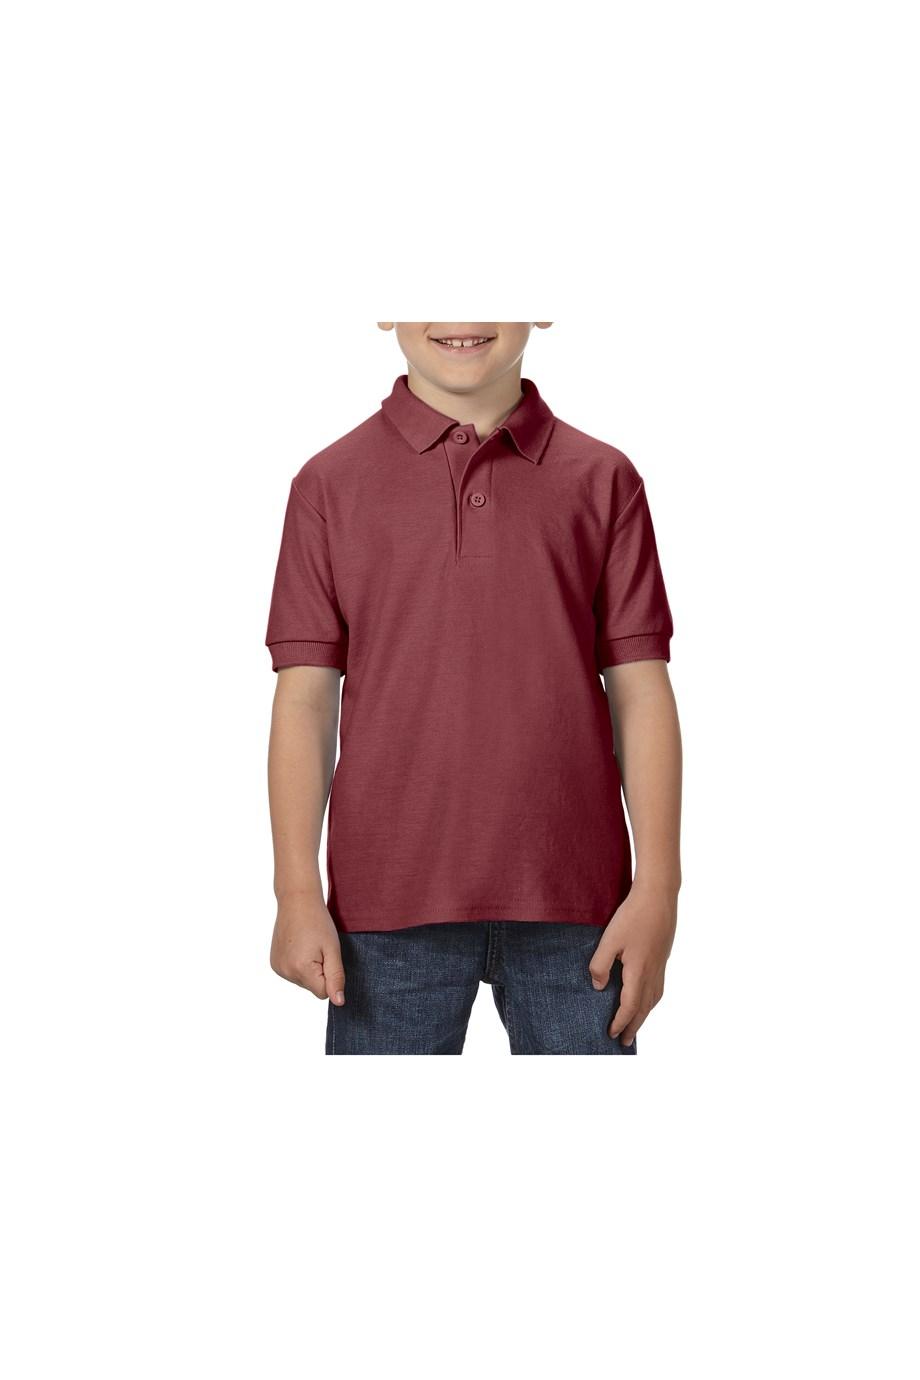 maroon